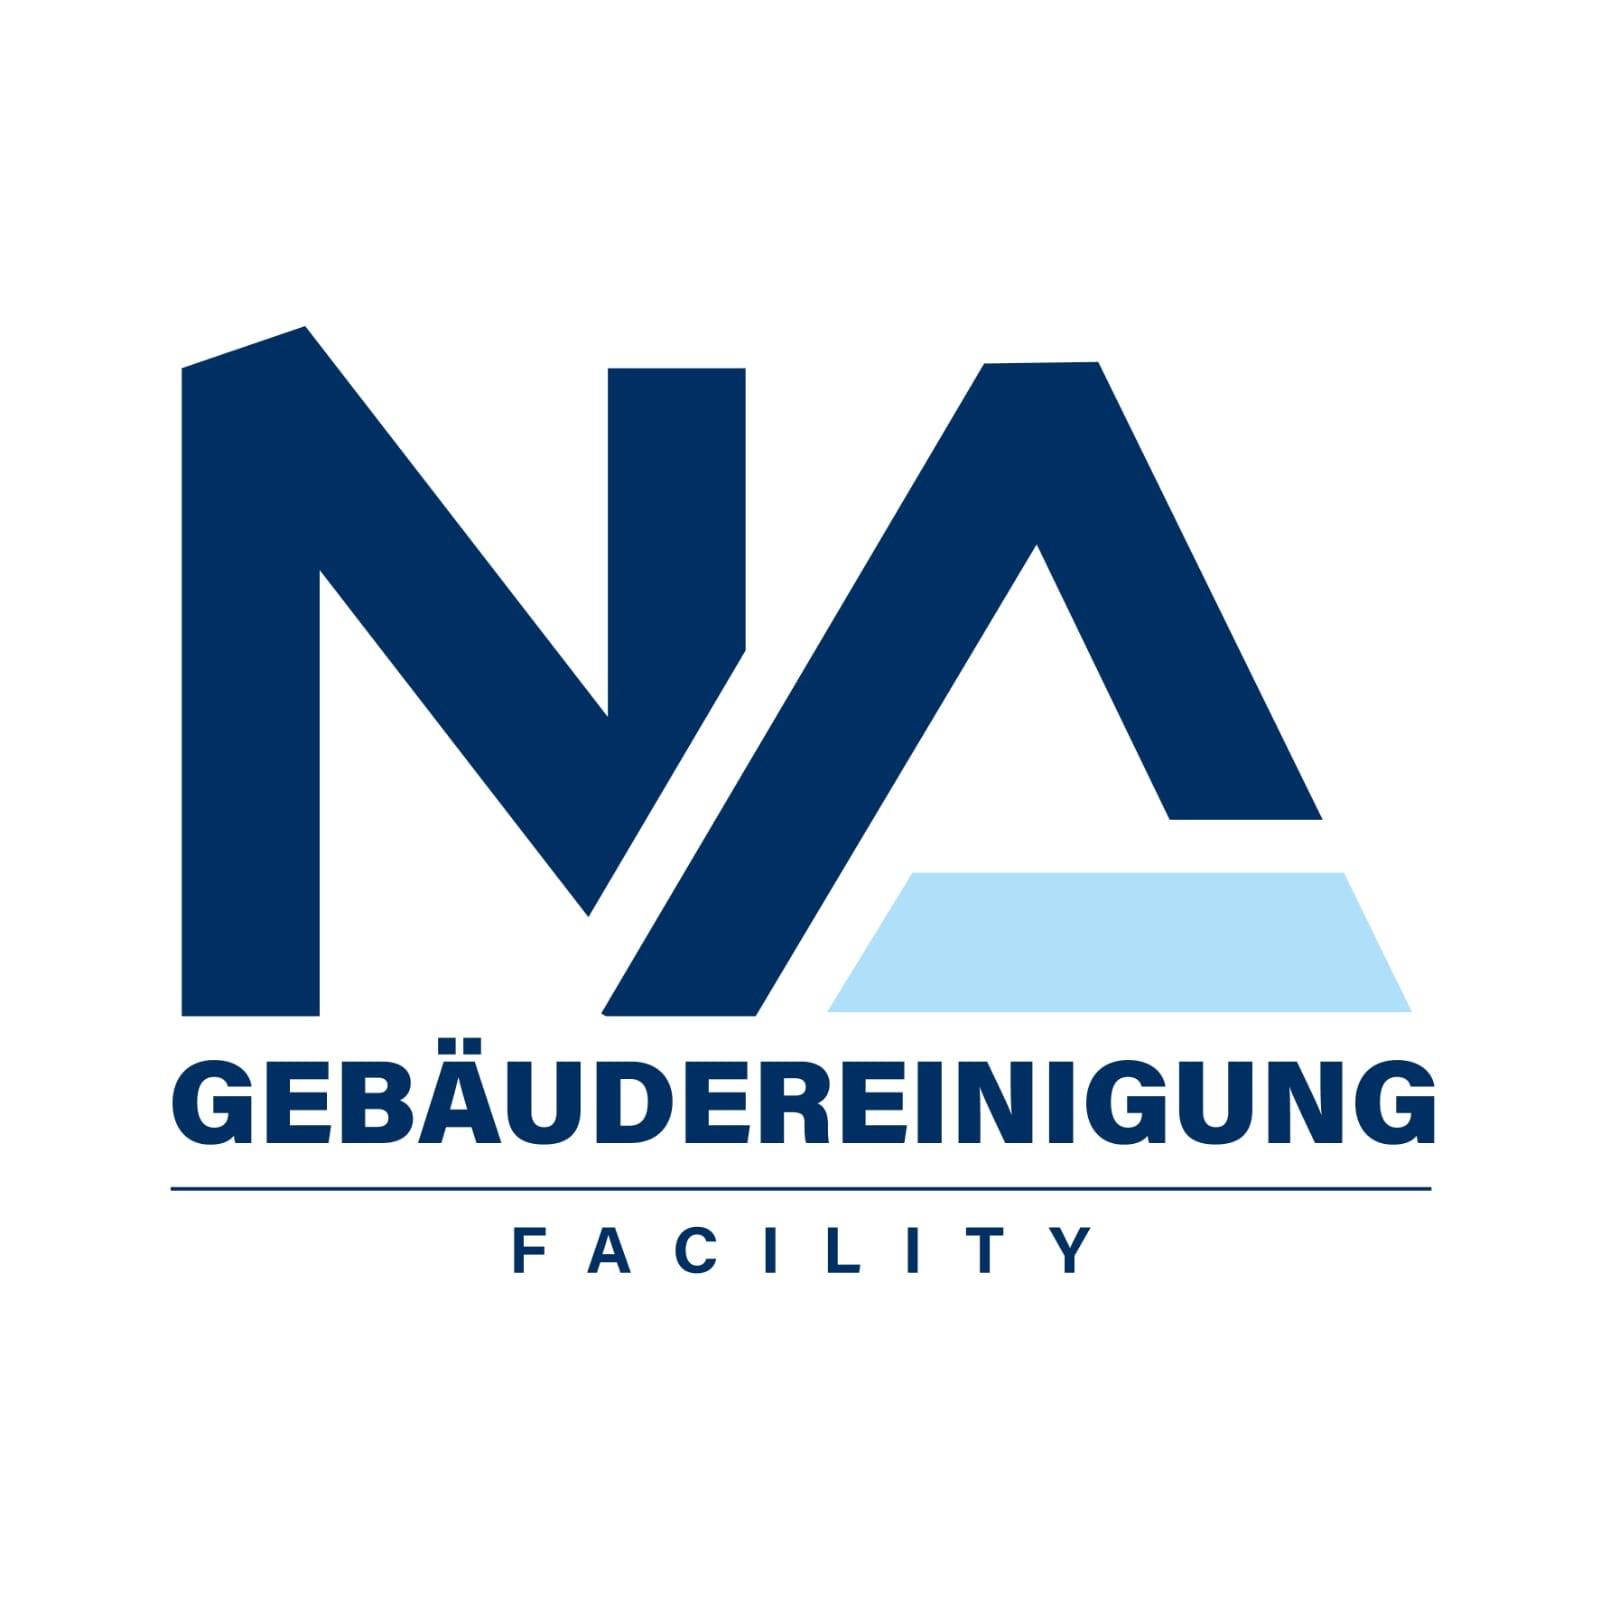 Bild zu NA Gebäudereinigung Facility in Dortmund